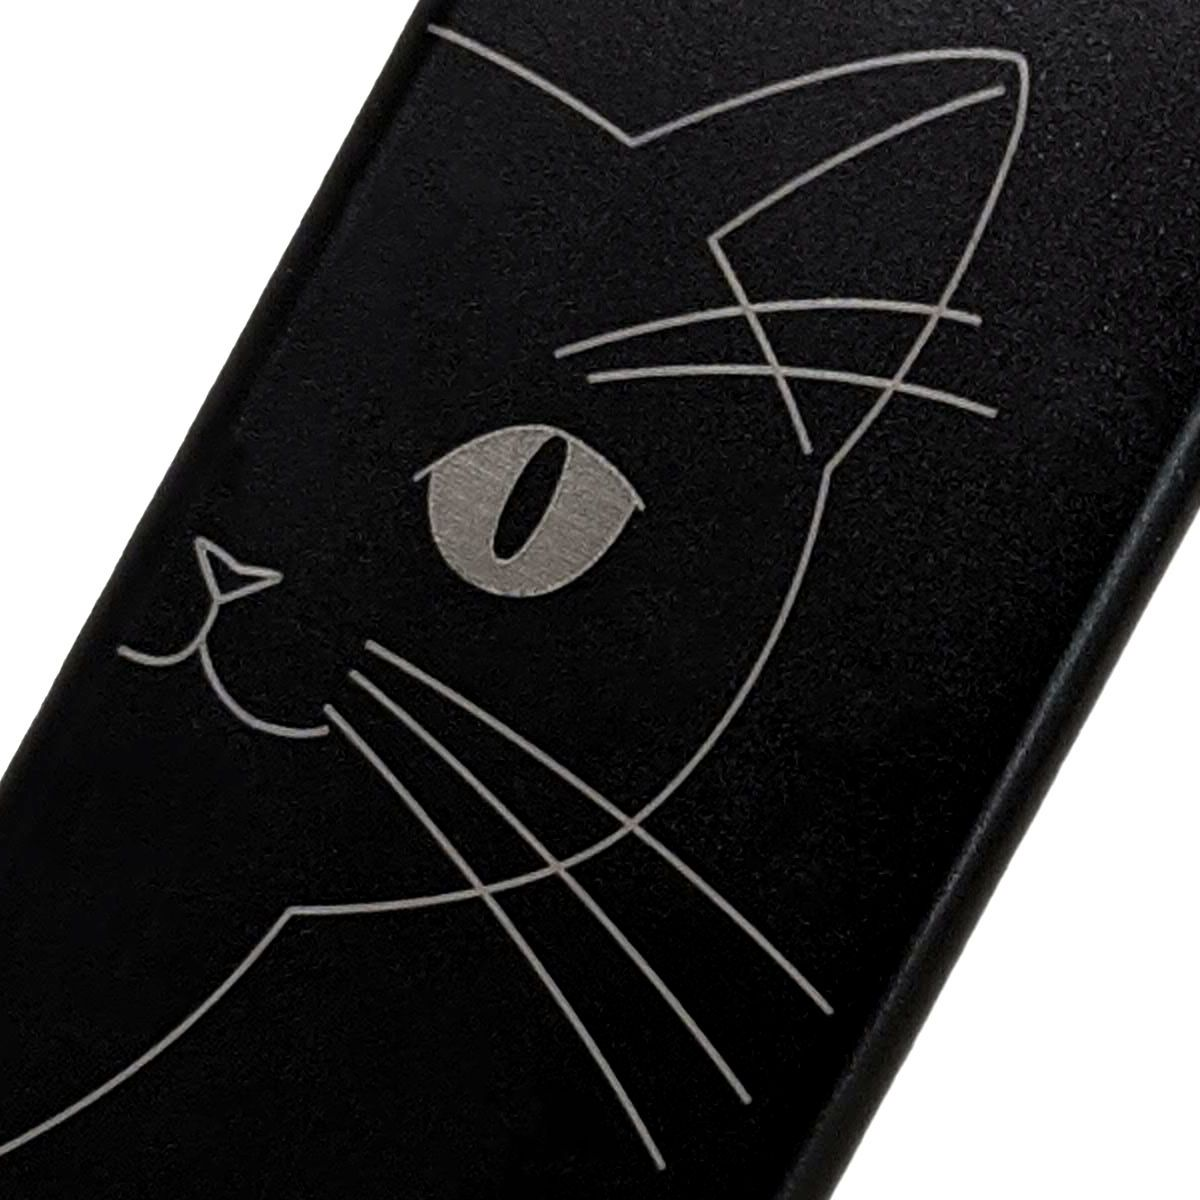 猫おもちゃ 猫じゃらし 激安特価品 軽量 薄い レーザーポインタ レーザー ☆最安値に挑戦 ポインター おすすめ 赤色 猫 ネコ パワーポイント 安全 neko 猫好きのスタッフが作った 小型 スーパーSALE限定特価 PSC 猫好きのお客様の為の 安い 送料無料 laser 猫柄 レーザーポインター